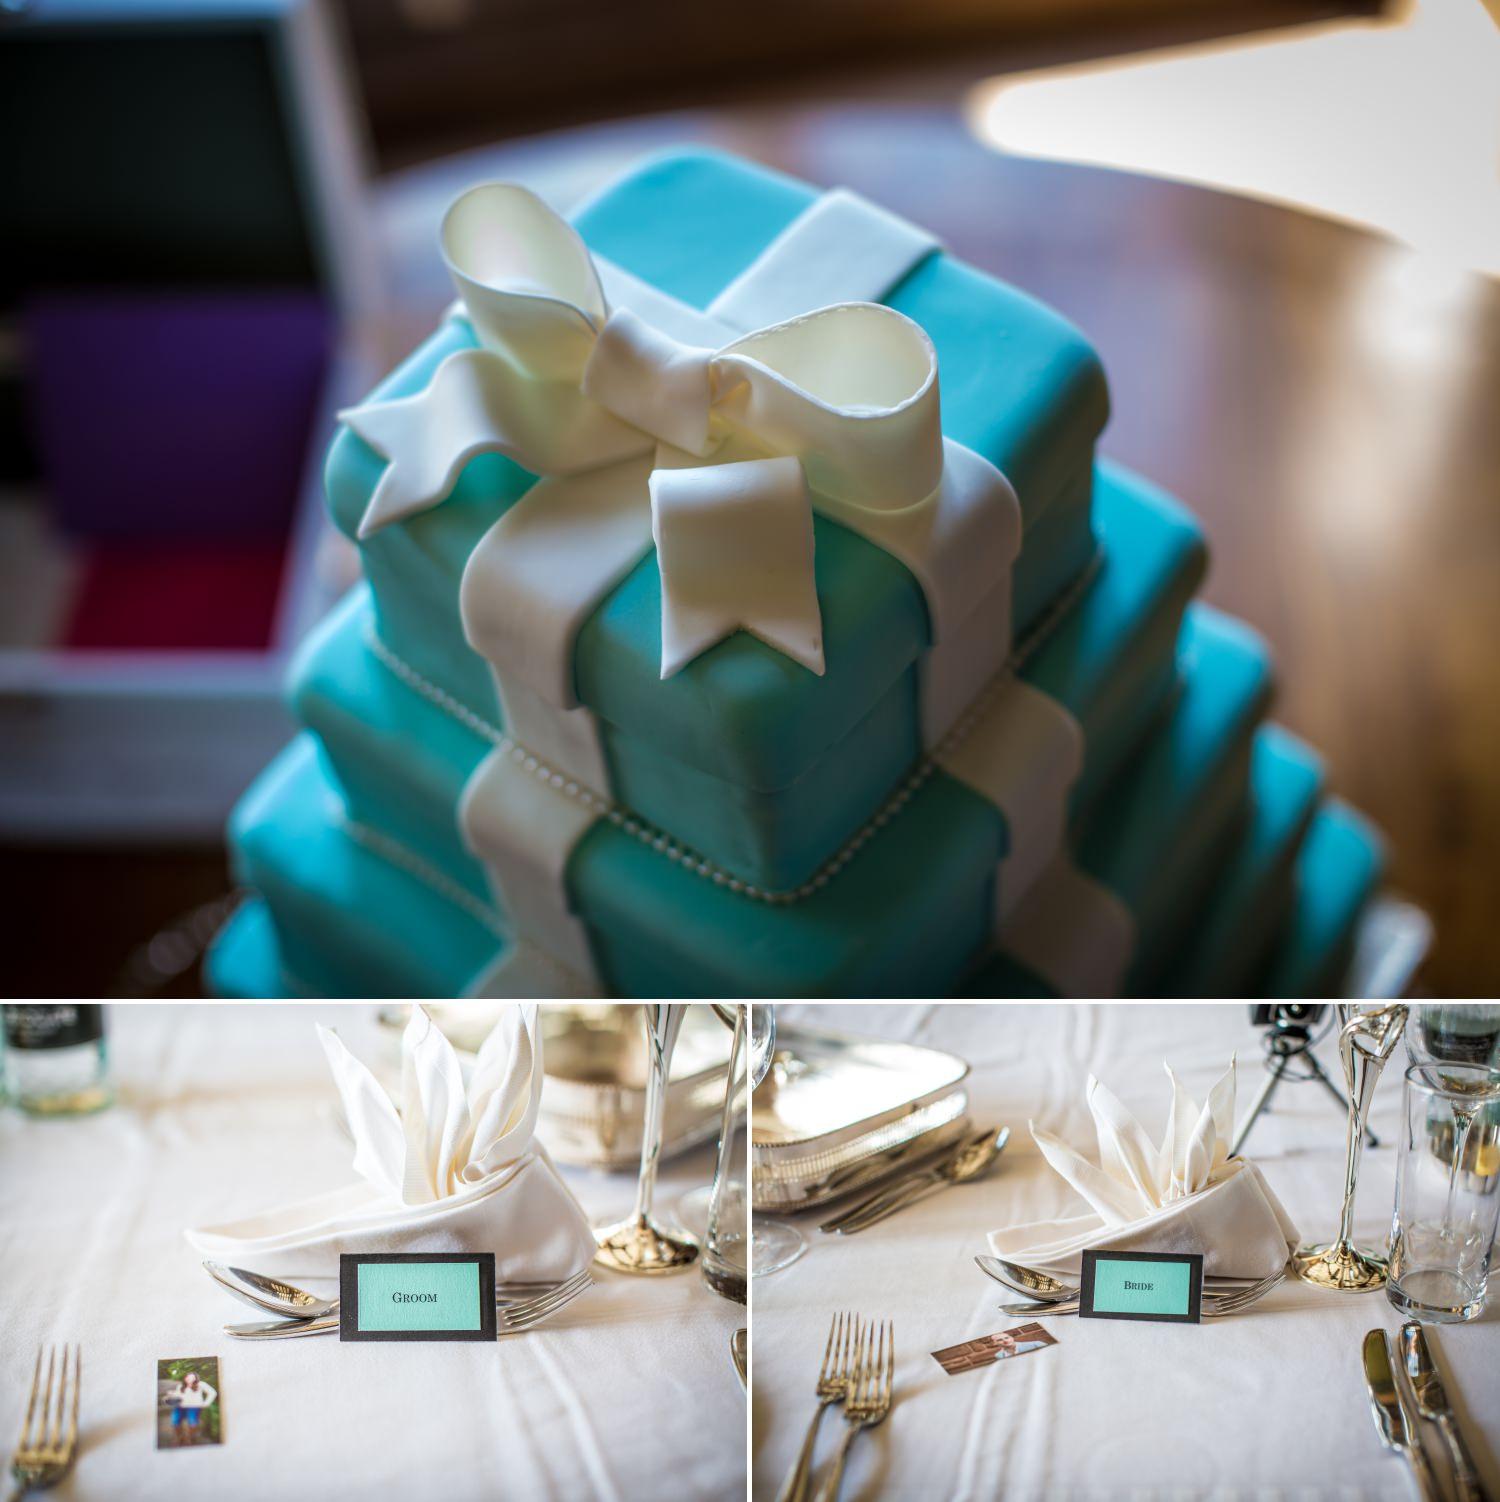 Tiffany wedding details at Hillbark hotel wedding venue